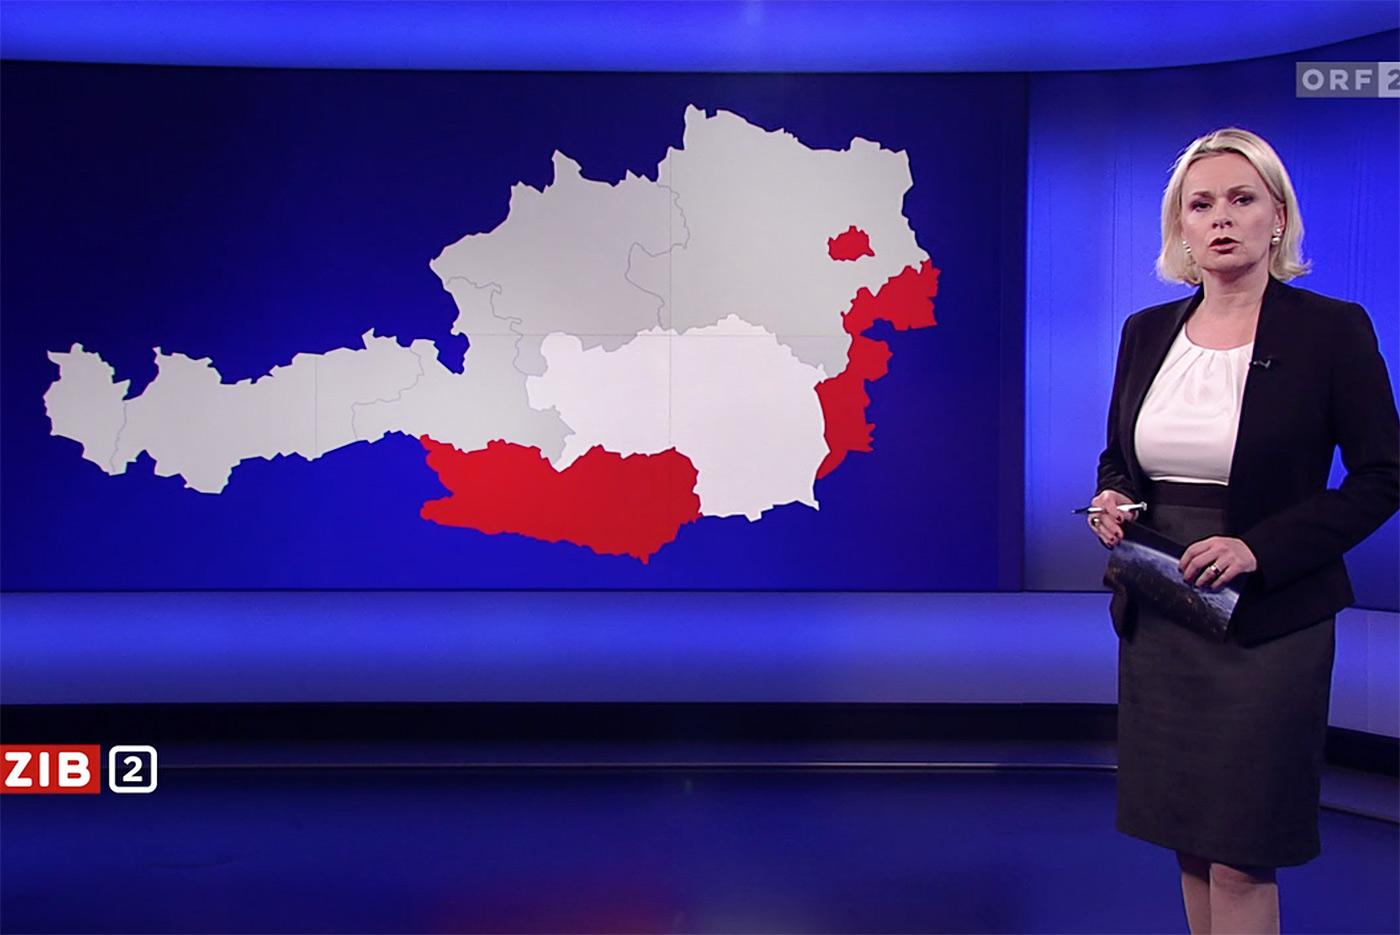 Osttirol Zu Italien Orf Zeichnet Die Landkarte Neu